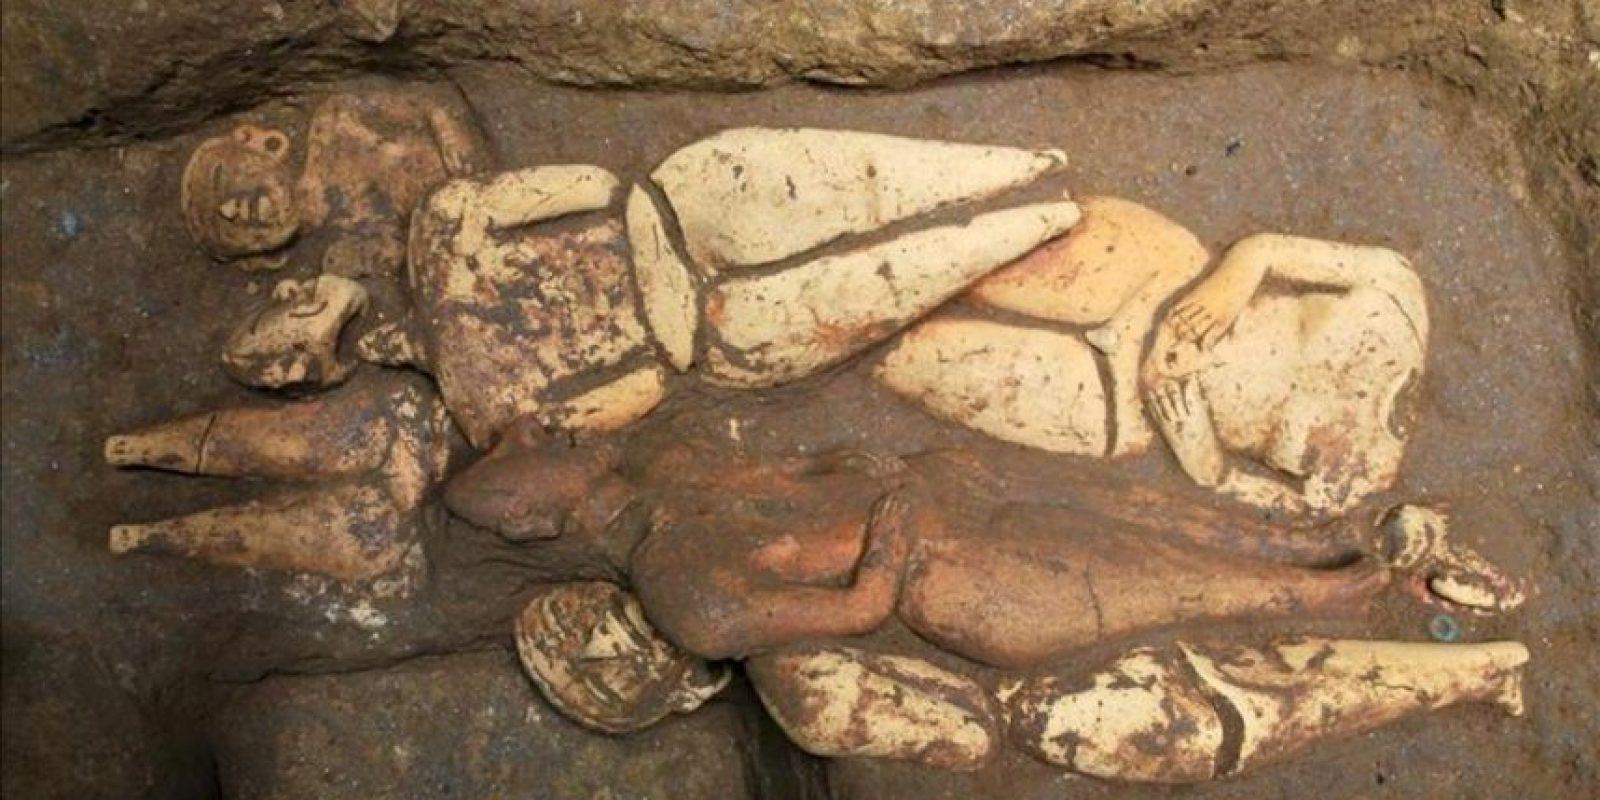 """Fotografía cedida por el ministerio de Cultura de Guatemala muestra la tumba del gobernante """"K'utz Chman, que en lengua Mam significa """"Abuelo Buitre"""", considerado el más antiguo de la era maya en Mesoamérica, descubierta en junio pasado en el Parque Nacional Arqueológico Tak'alik Ab'aj, ubicado en el municipio de El Asintal (Guatemala). EFE"""